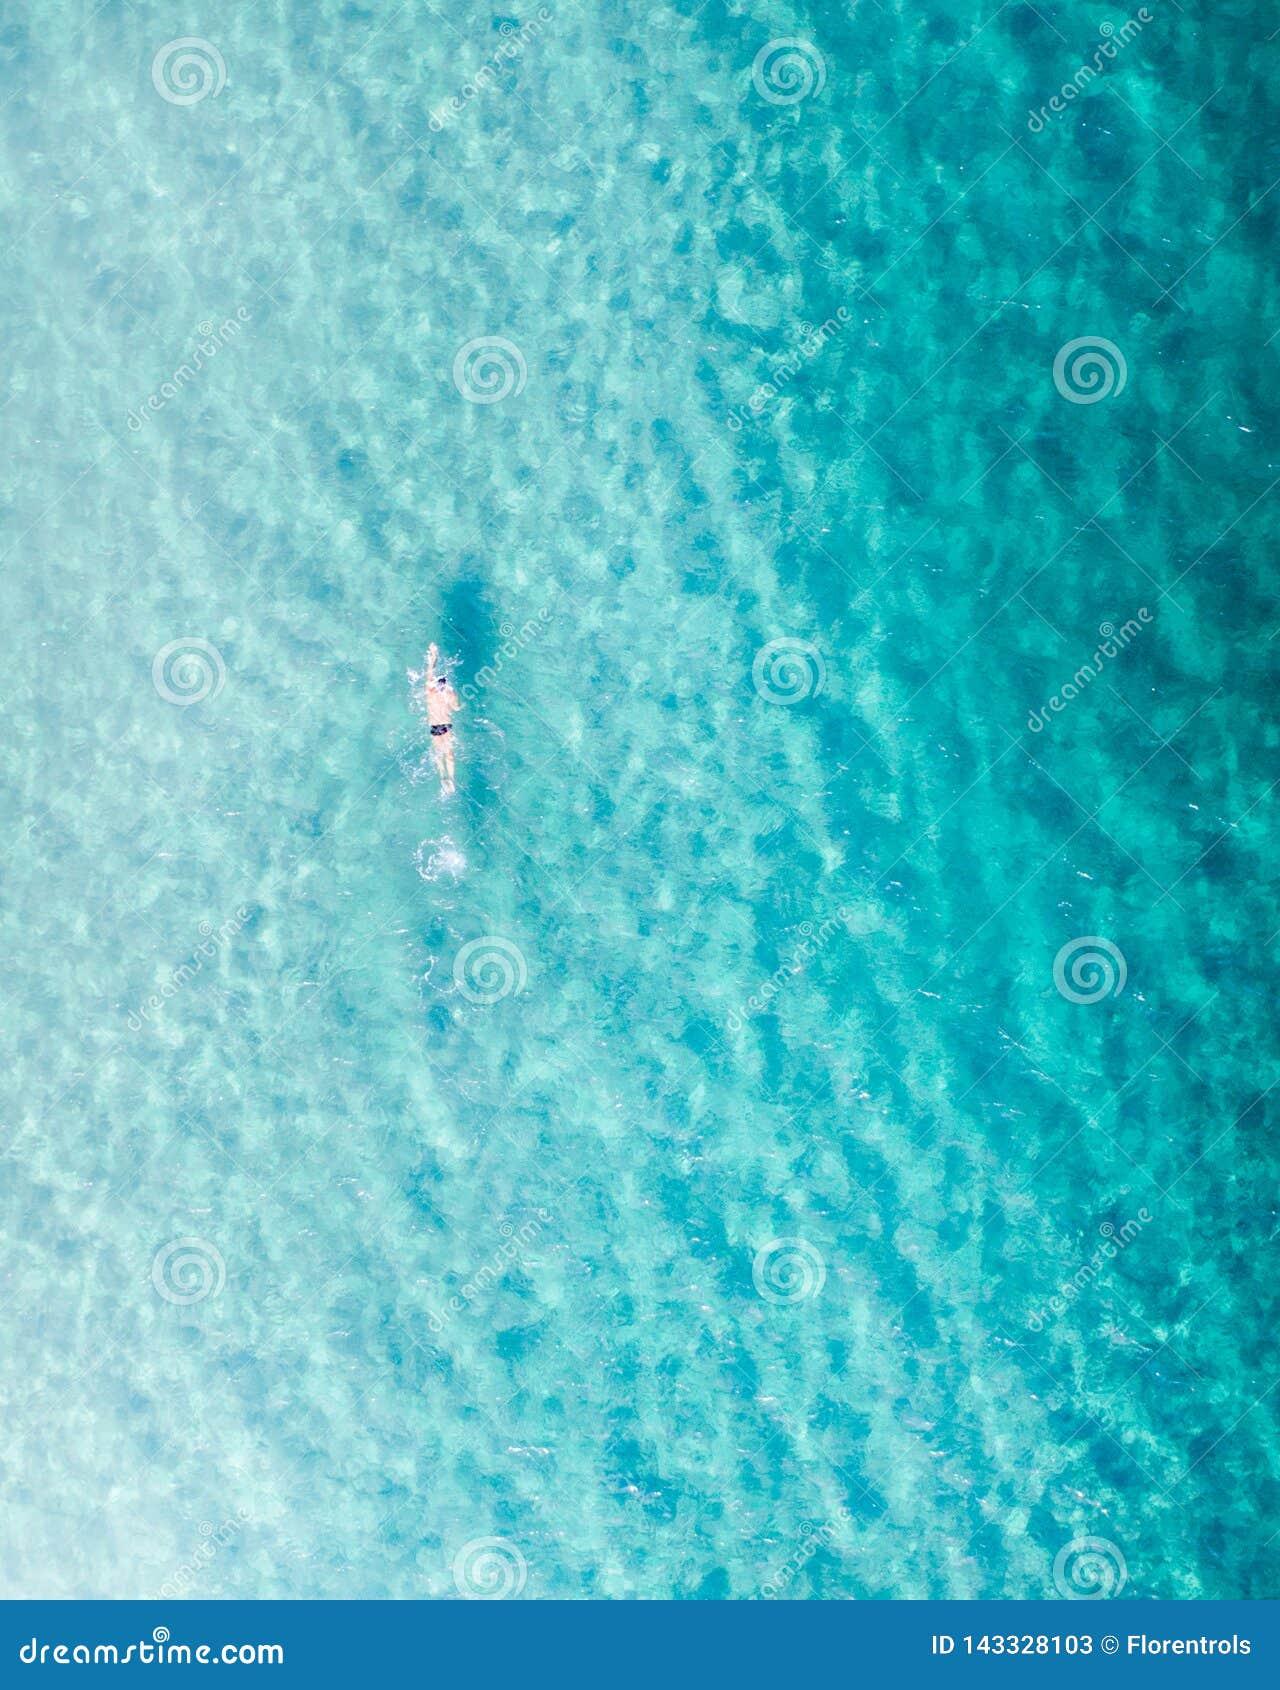 Zwemmer in het blauwe water bij zonsopgang